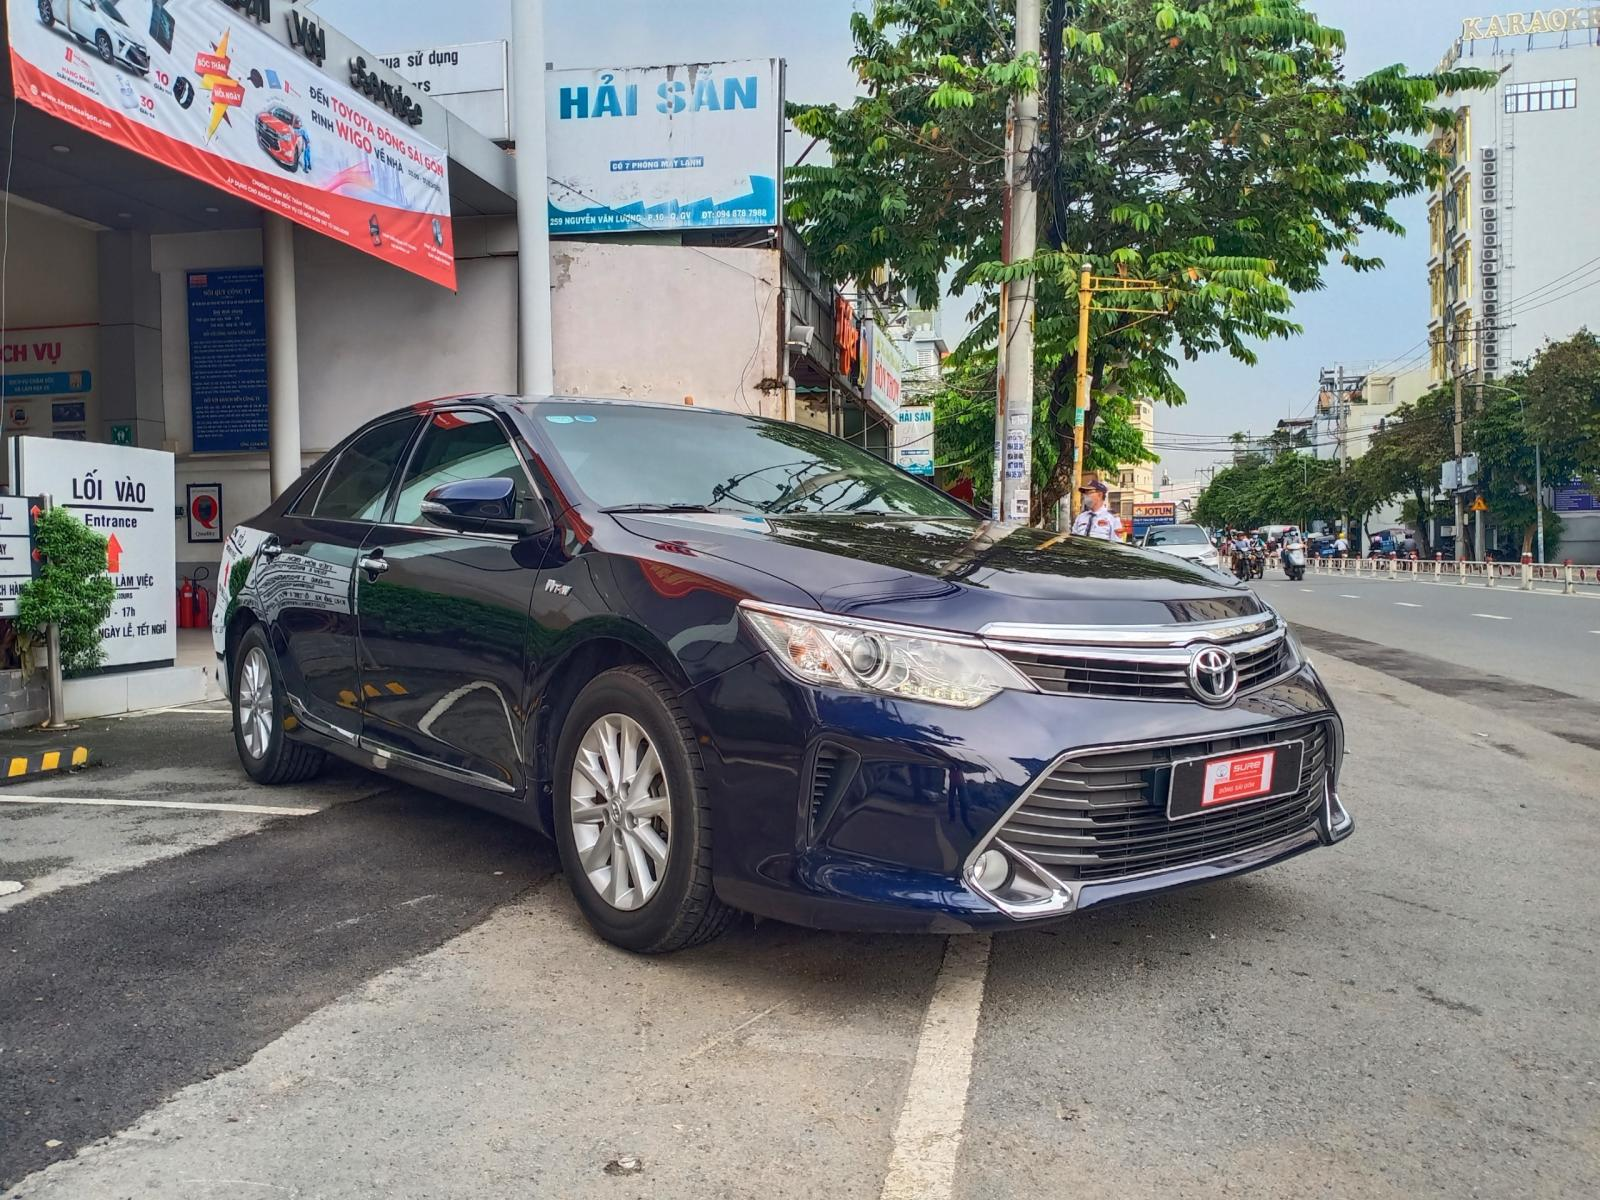 Bán xe Toyota Camry 2.0E đời 2016, giá ưu đãi